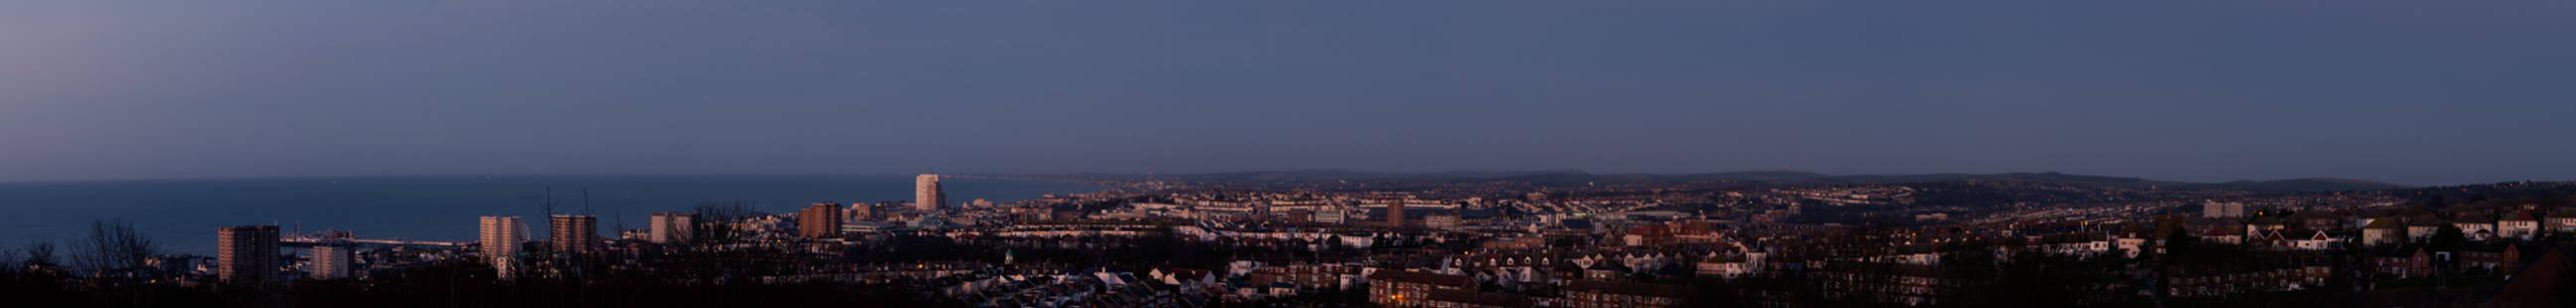 Brighton AM panorama